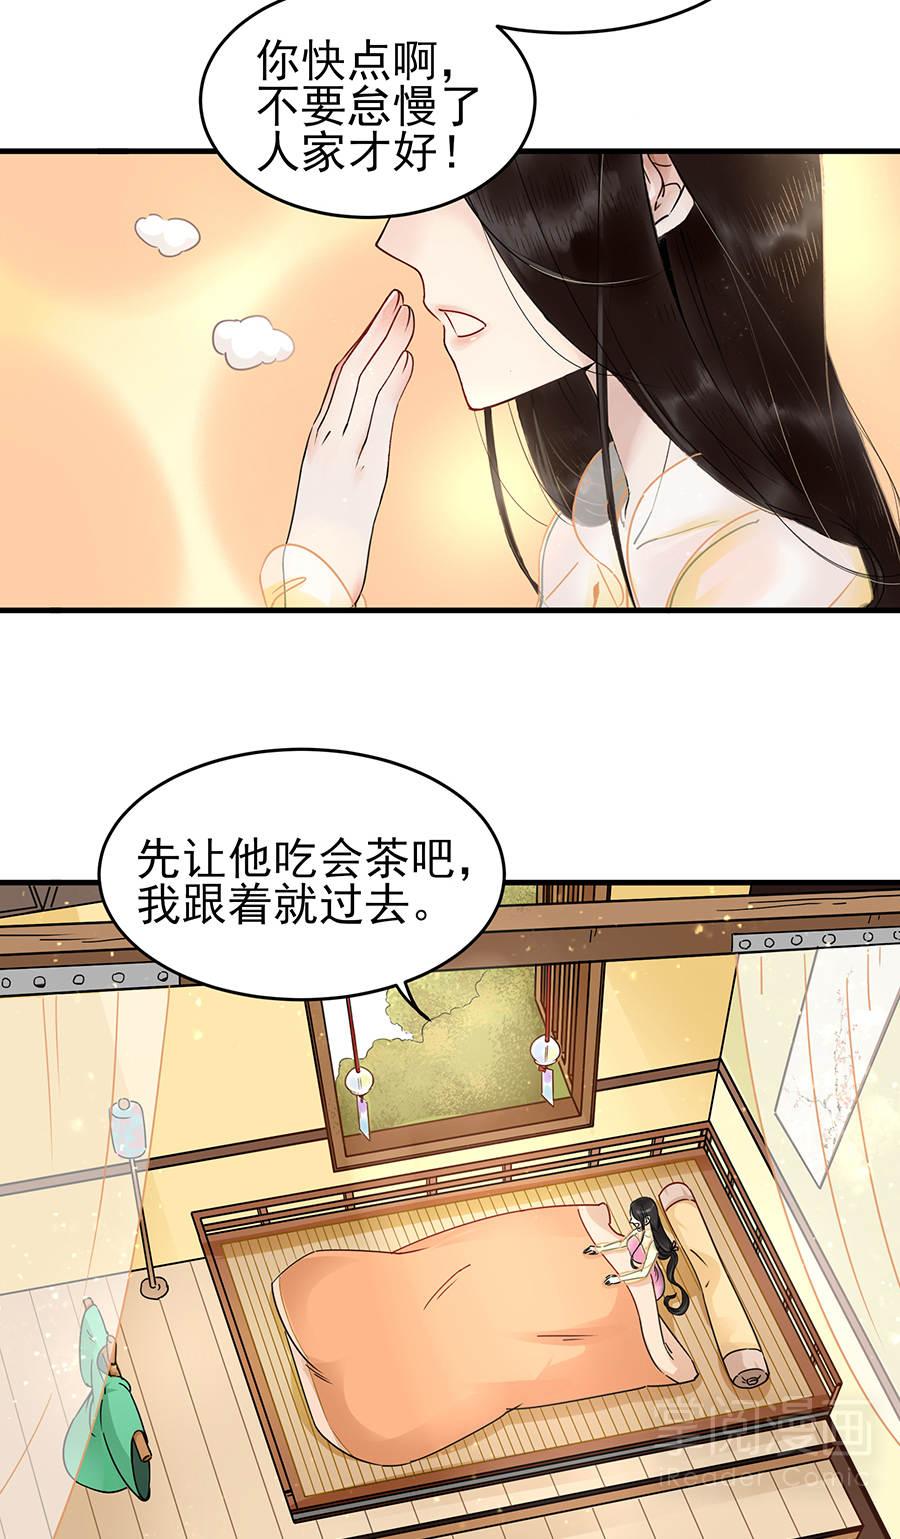 晚唐烟华第2话  云旖阁 第 9